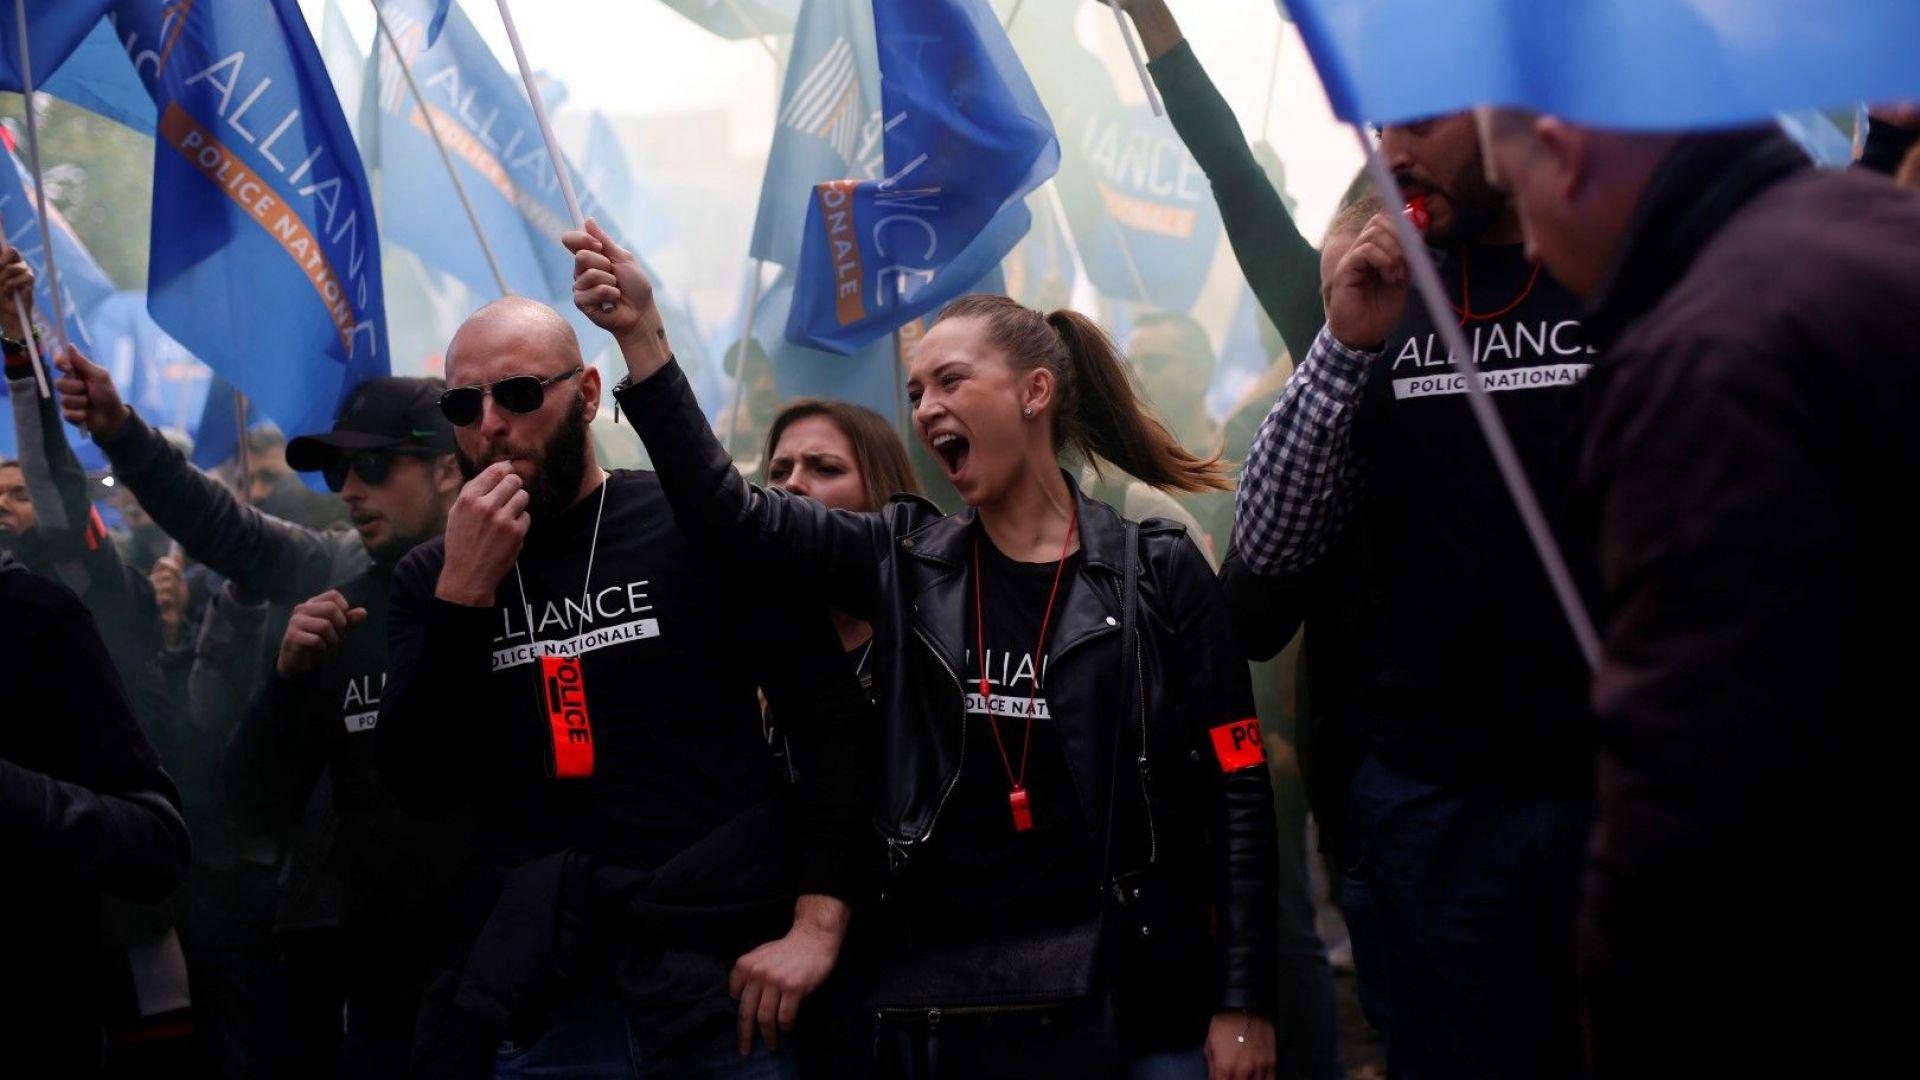 Хиляди френски полицаи участваха в протестно шествие в Париж